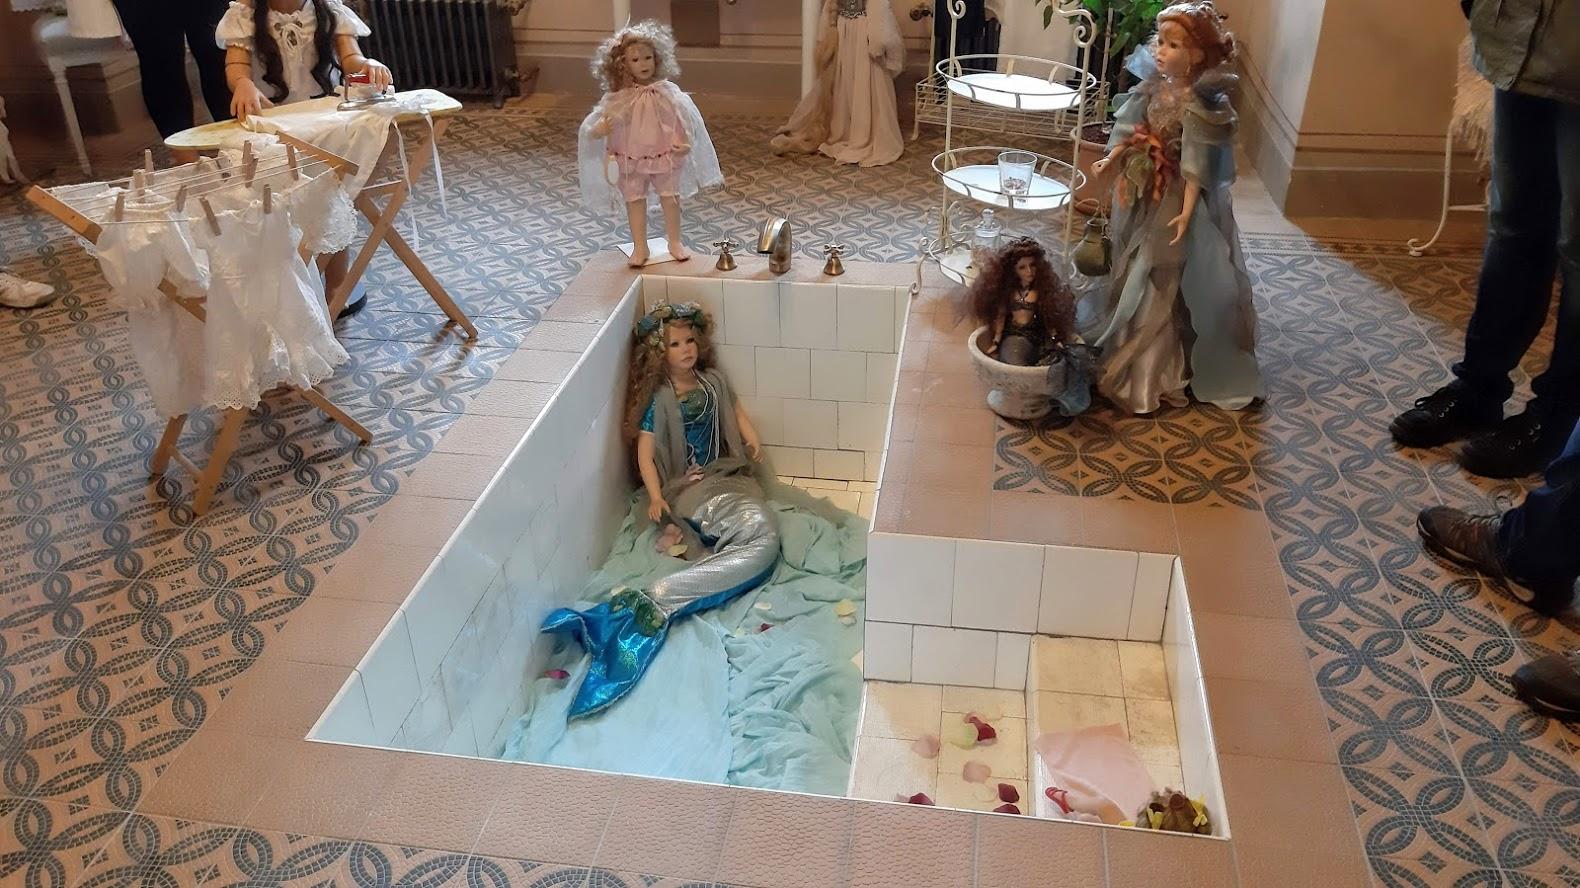 V zámecké koupelně se zatím koupou jen panenky.